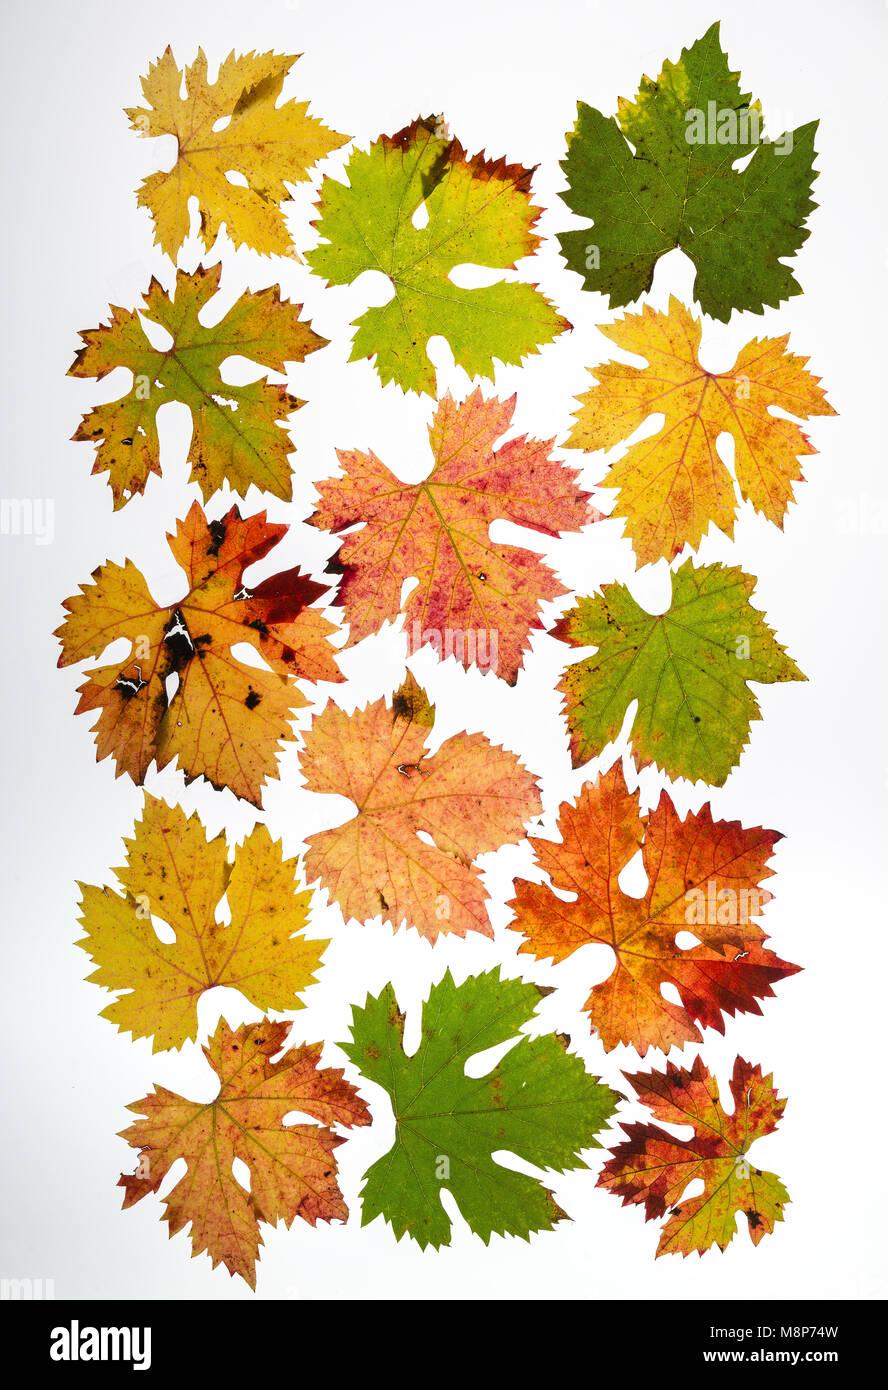 Foglio di varie foglie di uva Immagini Stock